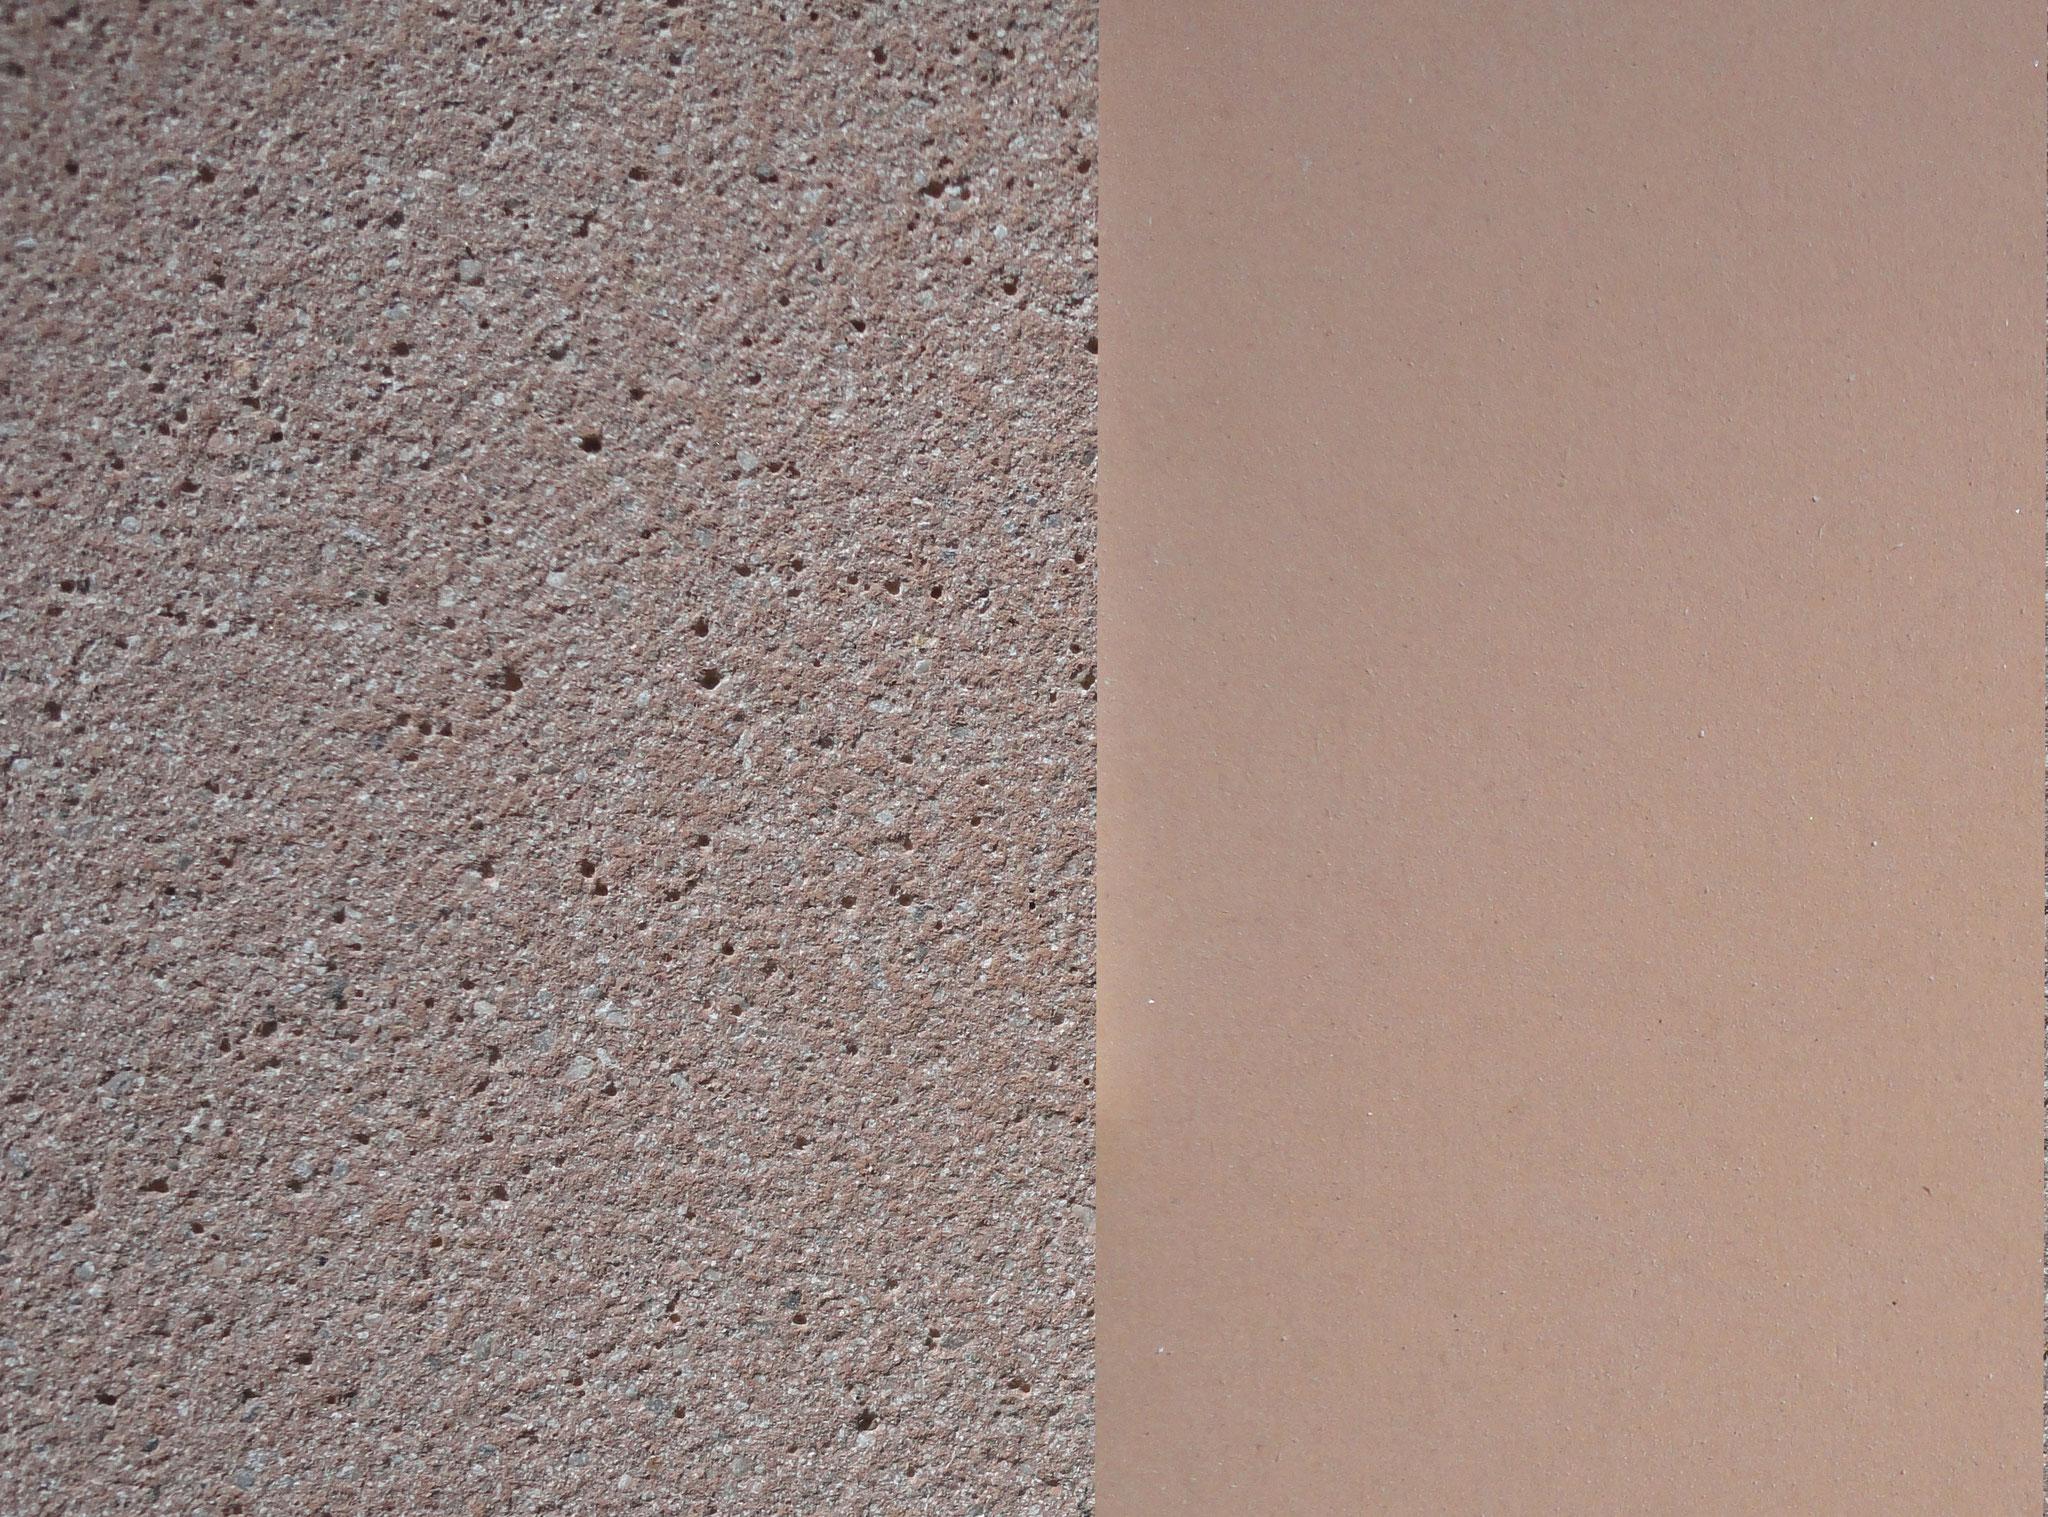 Farbe: taupe, Farbnummer: 2, sandgestrahlt/schalrein